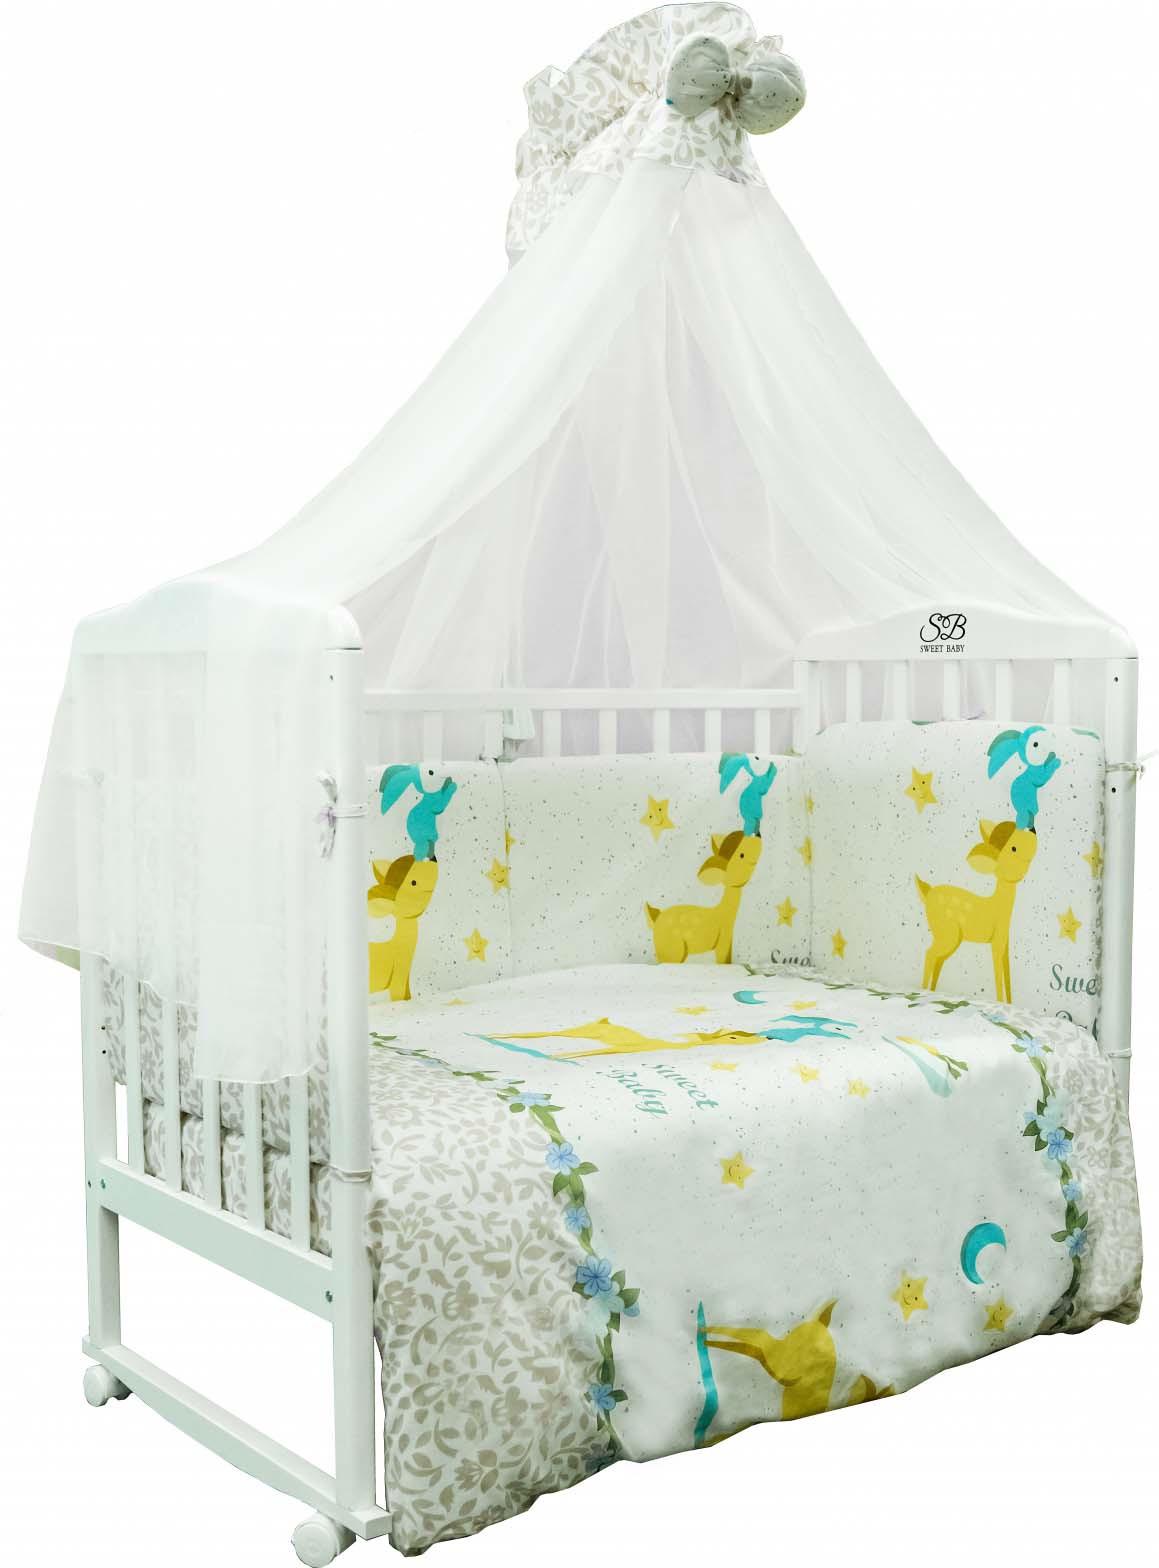 Комплект в кроватку Sweet Baby Renna, 410655, розовый, 7 предметов комплекты в кроватку makkaroni kids sweet baby 125x65 6 предметов